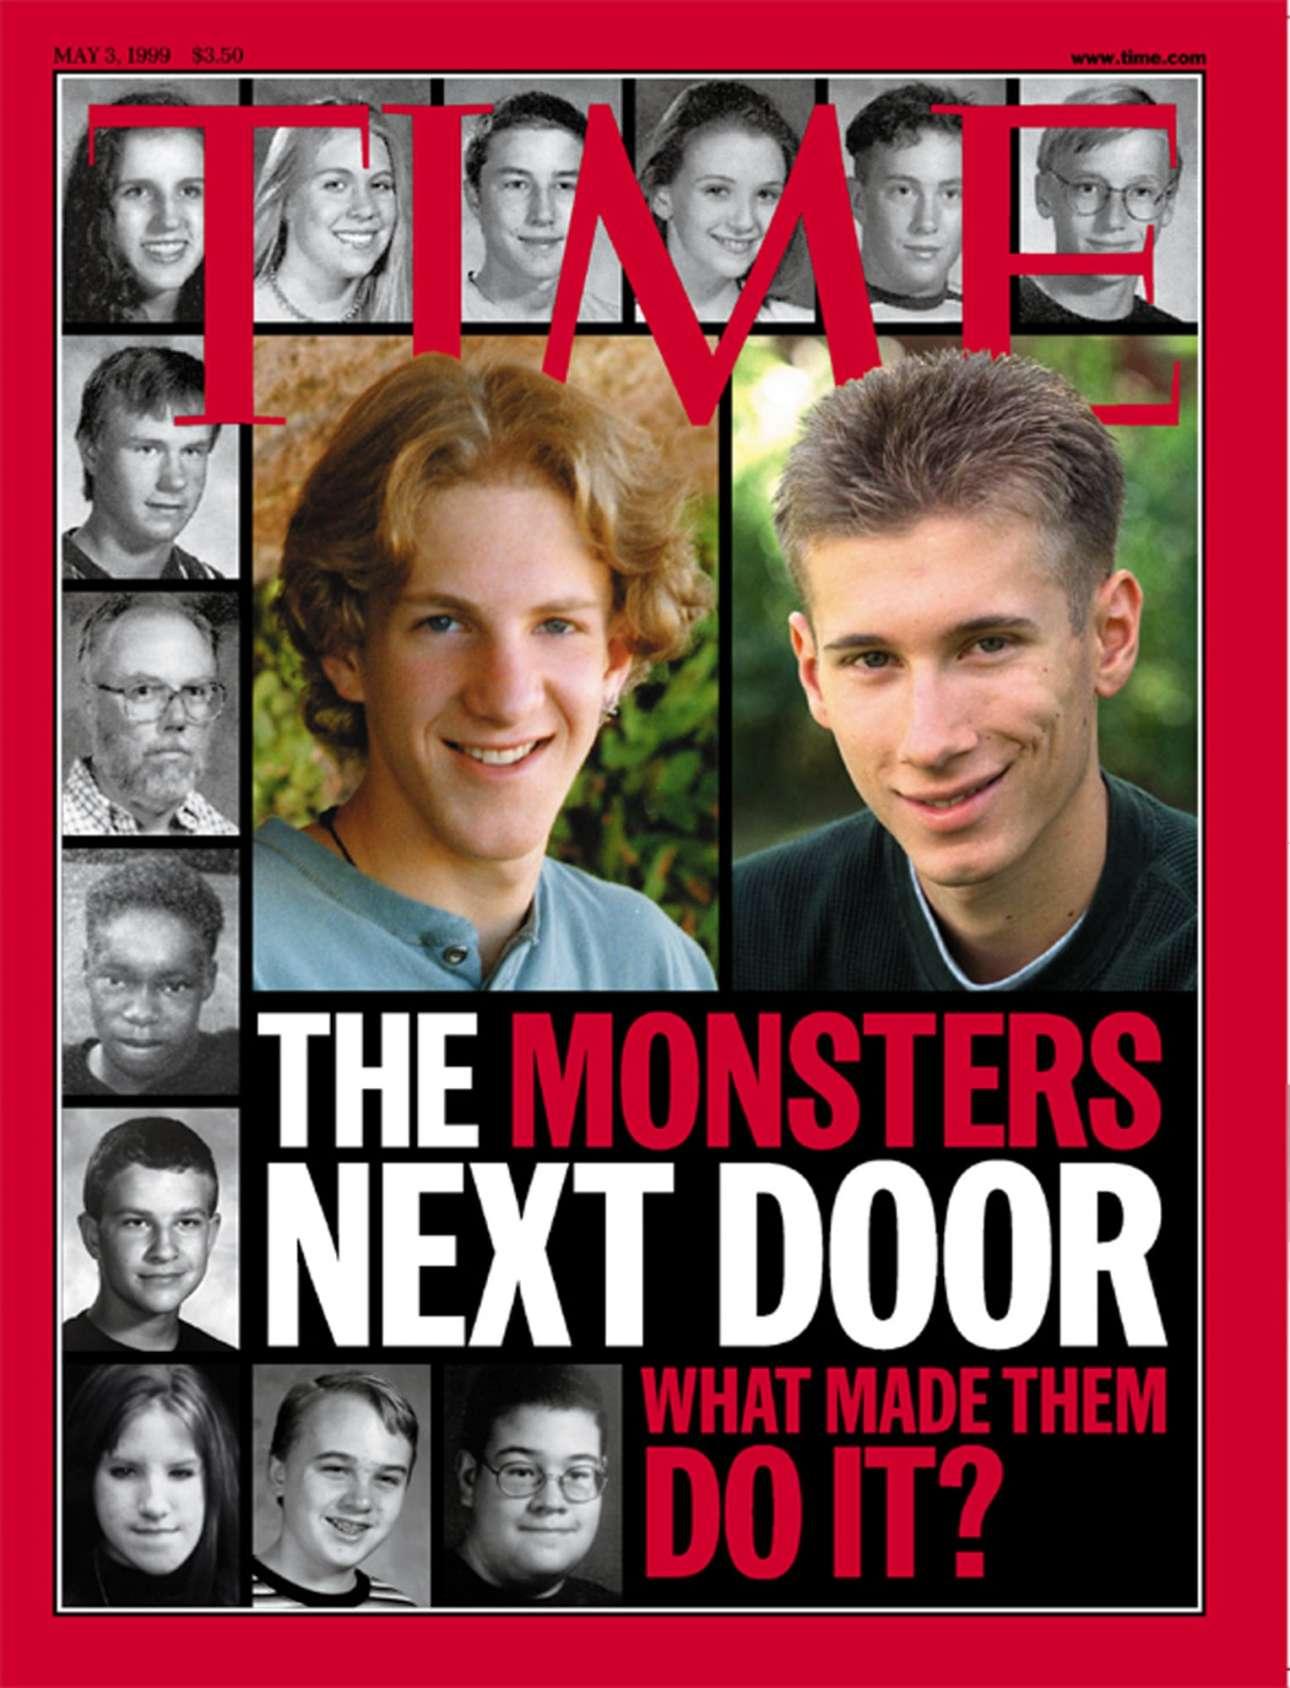 Τα «τέρατα της διπλανής πόρτας», οι έφηβοι μαθητές που προκάλεσαν το μακελειό στο λύκειο Κολουμπάιν στο Κολοράντο, έγιναν μαζί με τα θύματά τους πρωτοσέλιδο το 1999. Μια επιλογή που εξόργισε πολλούς